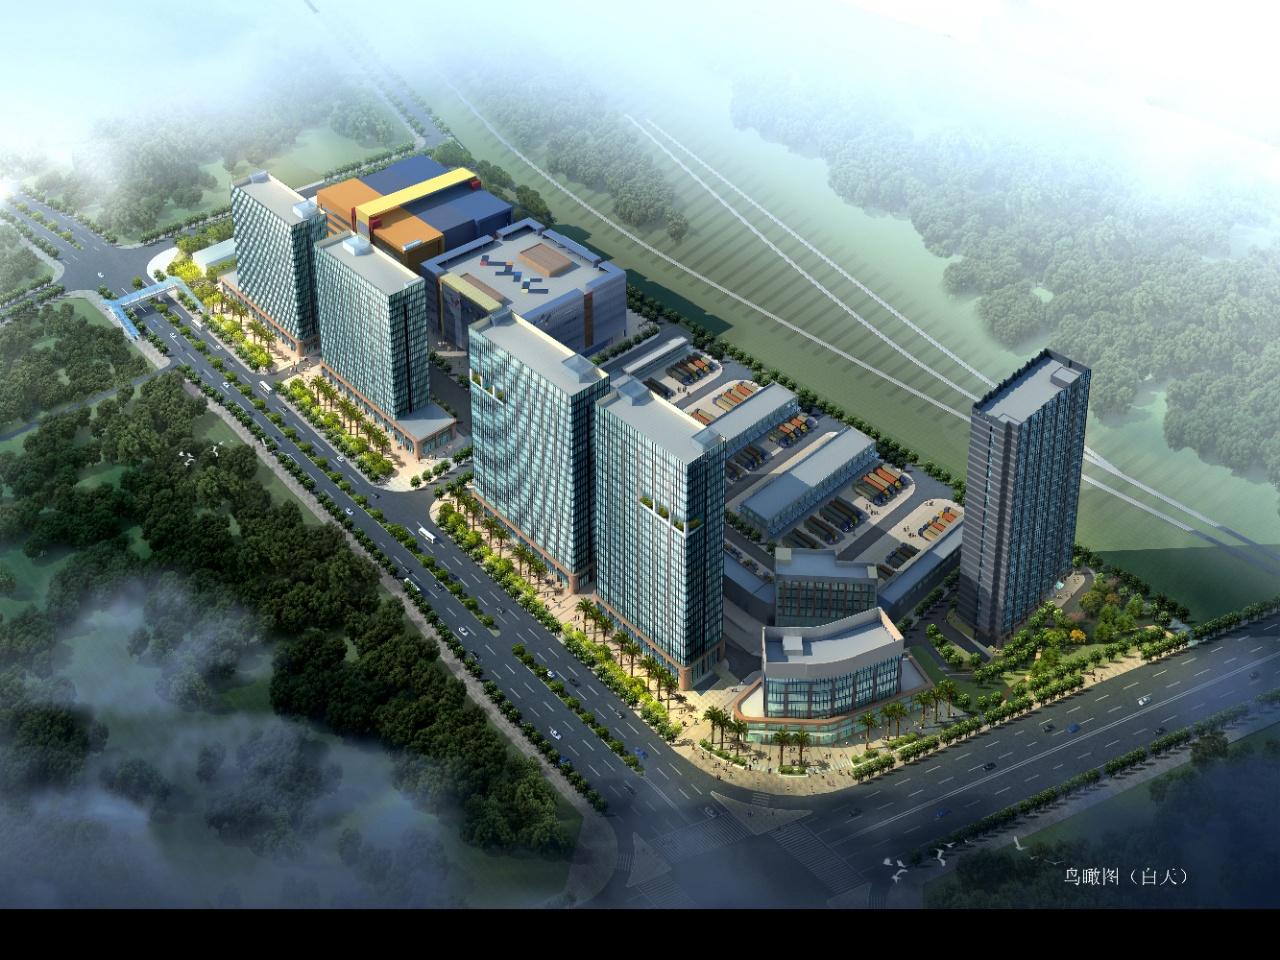 平湖4栋花园房《华南御府》华南城站地铁口物业,两房 69.8万起